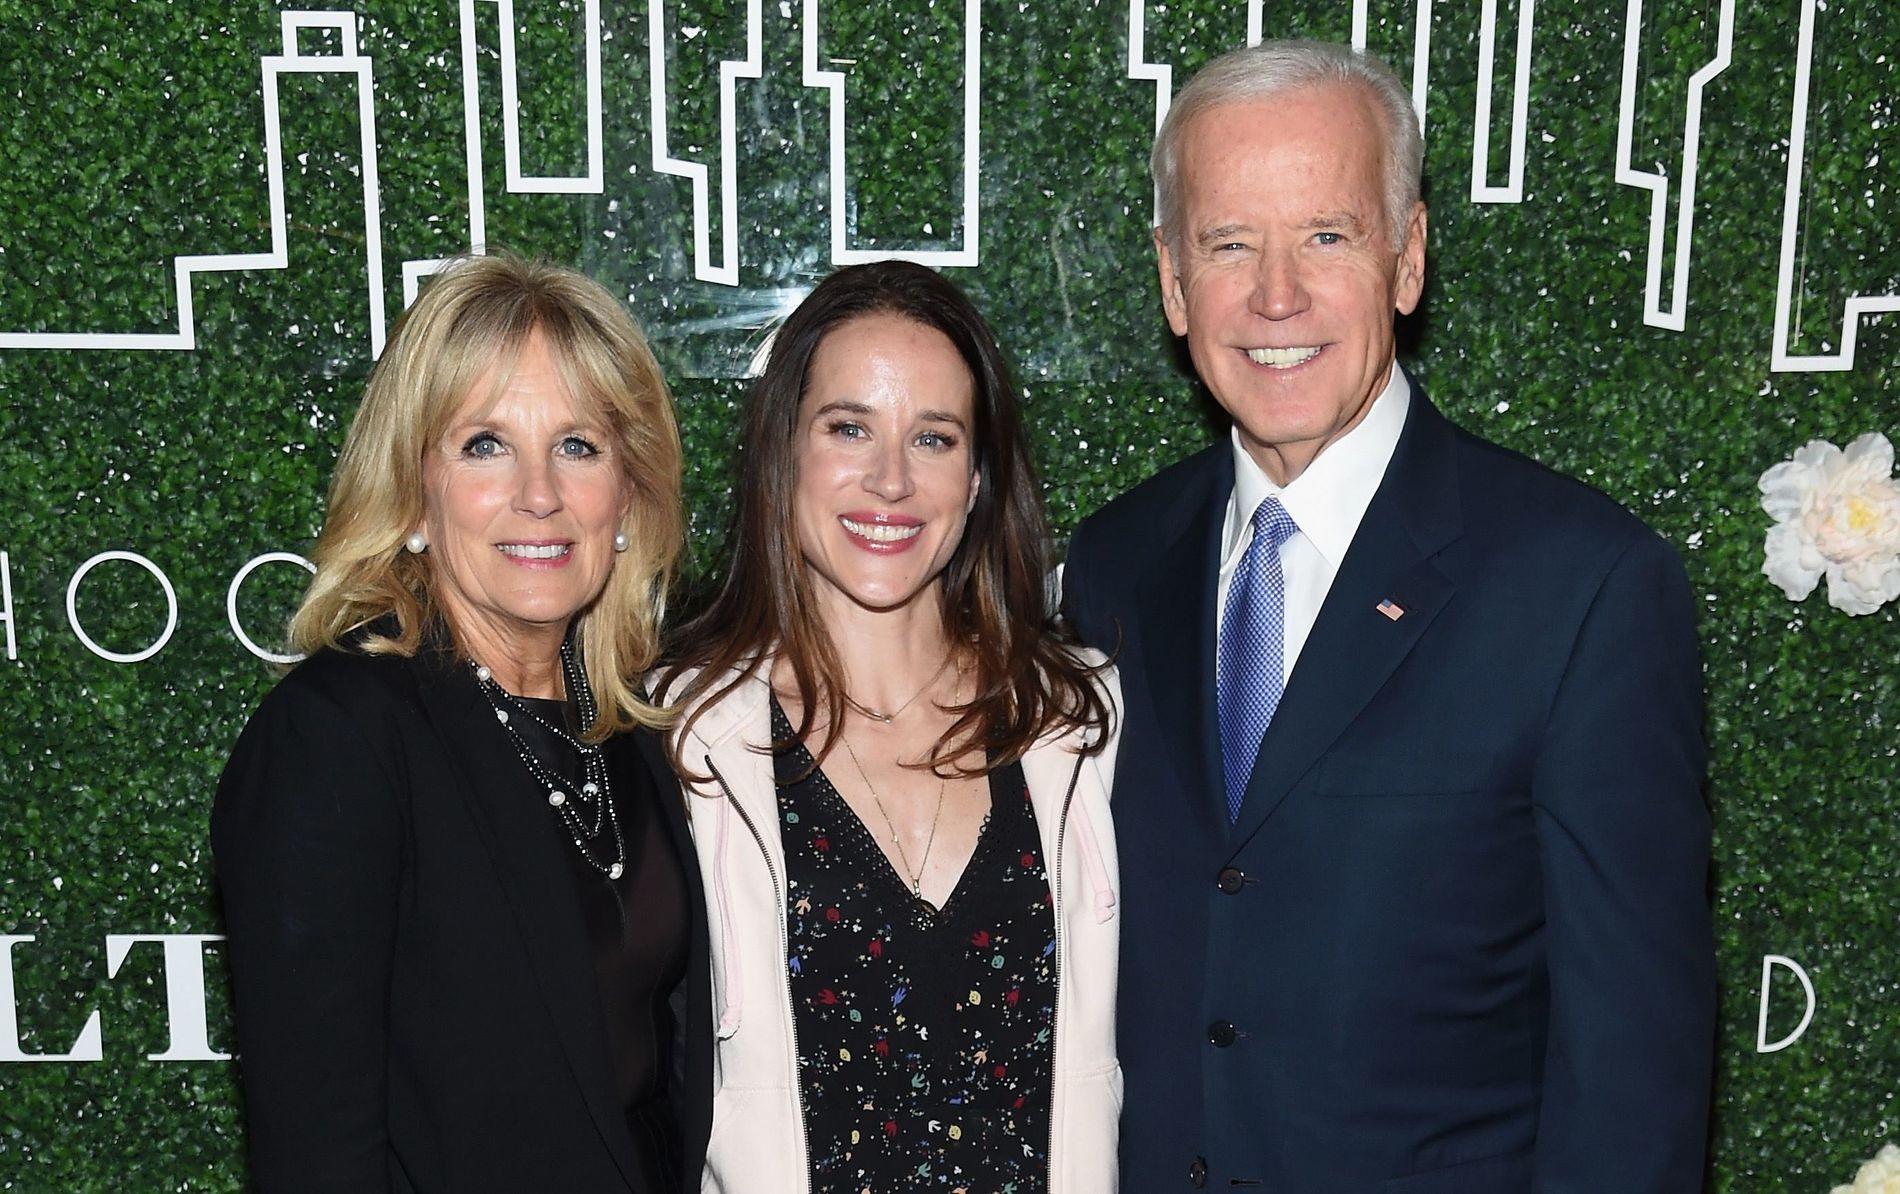 FEIRET: Jill Biden, Livelihood-gründer Ashley Biden og Joe Biden på lanseringen av Livelihood Collection på Spring Place i New York tirsdag kveld.